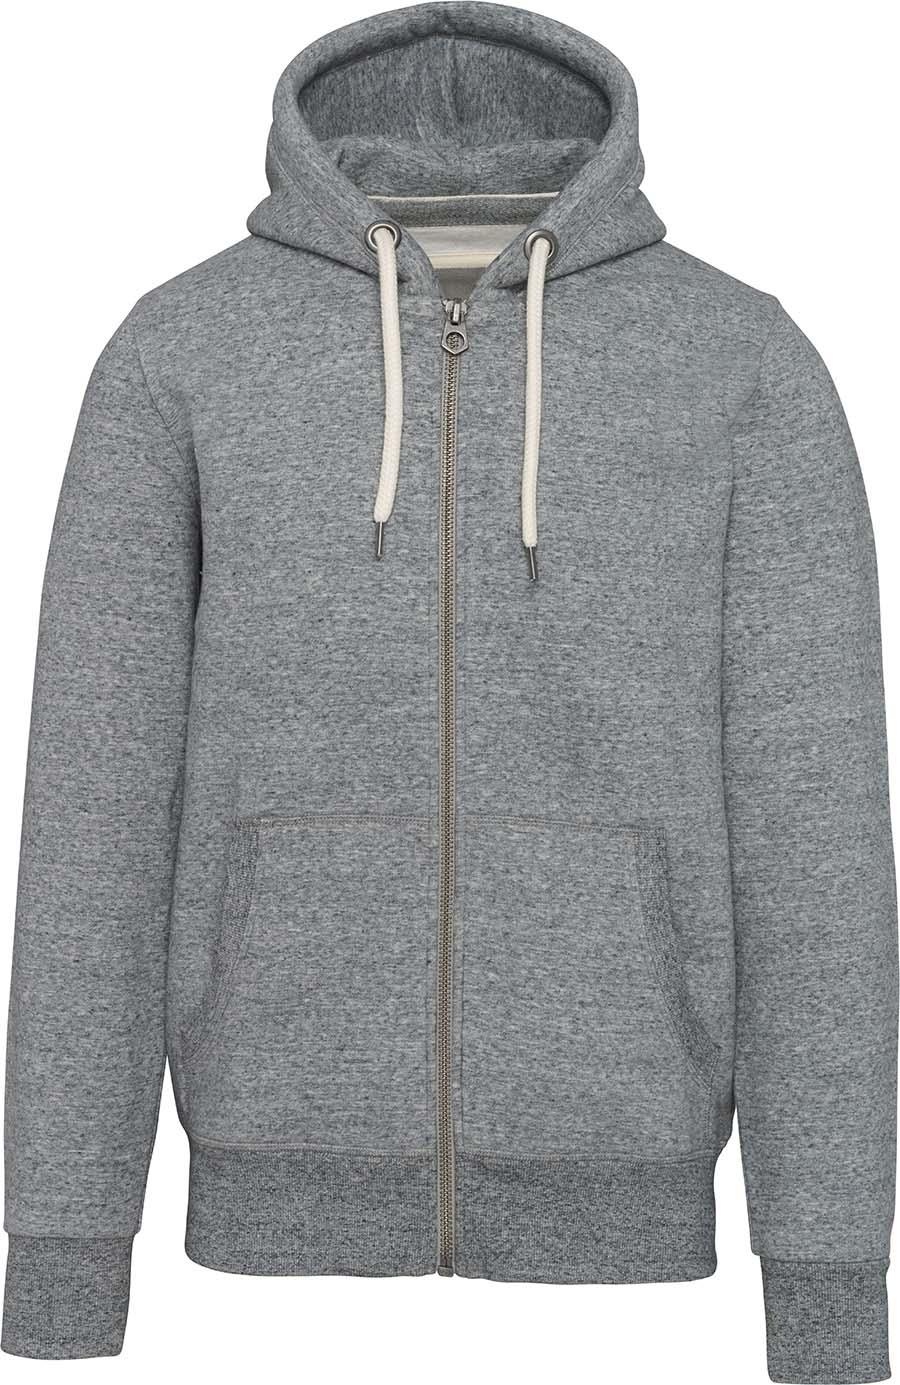 Sweat-shirt vintage zippé à capuche homme - 2-1530-8